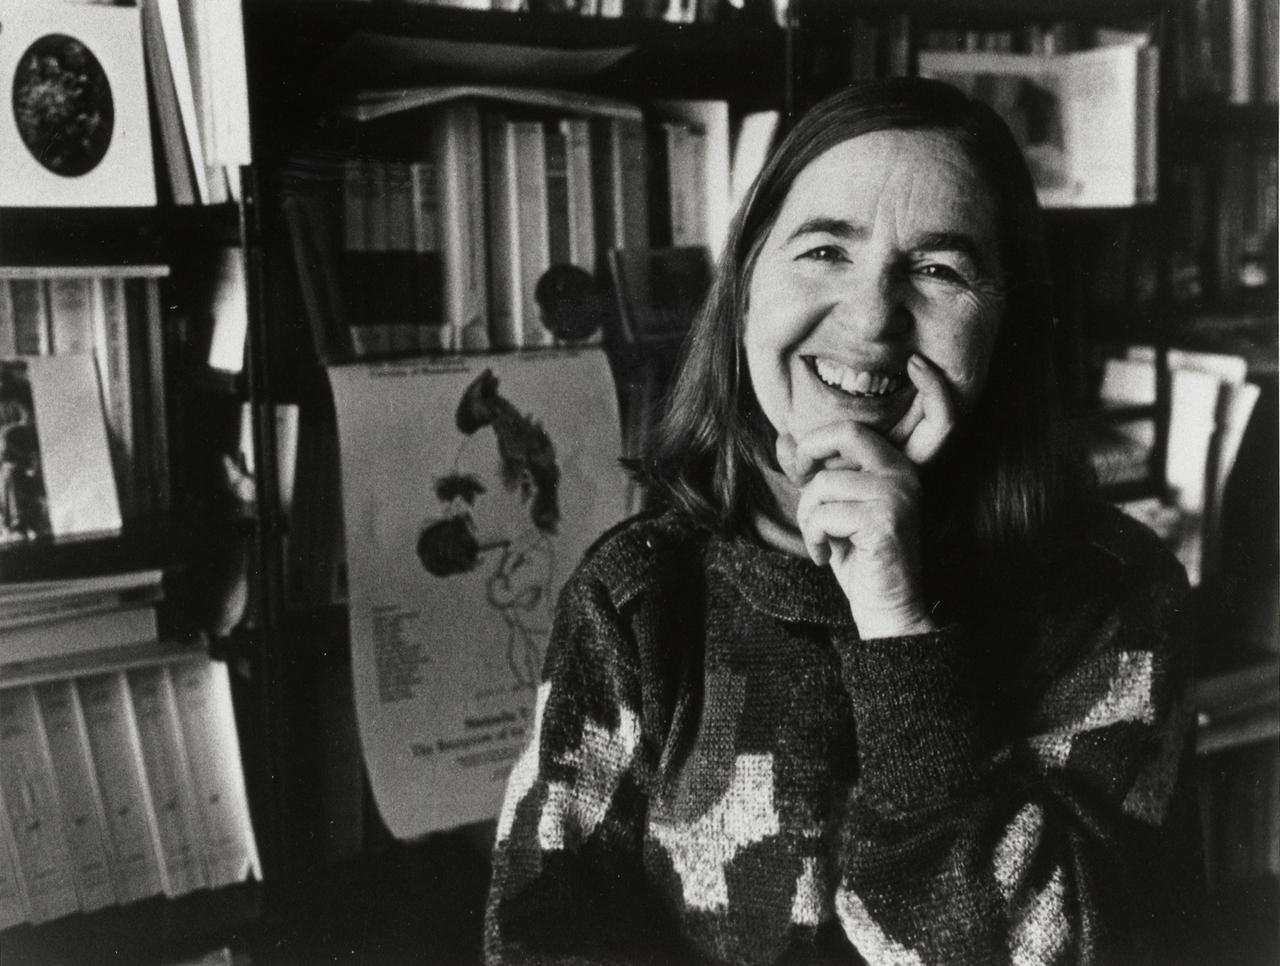 image for Kofman, Sarah (1934-1994)